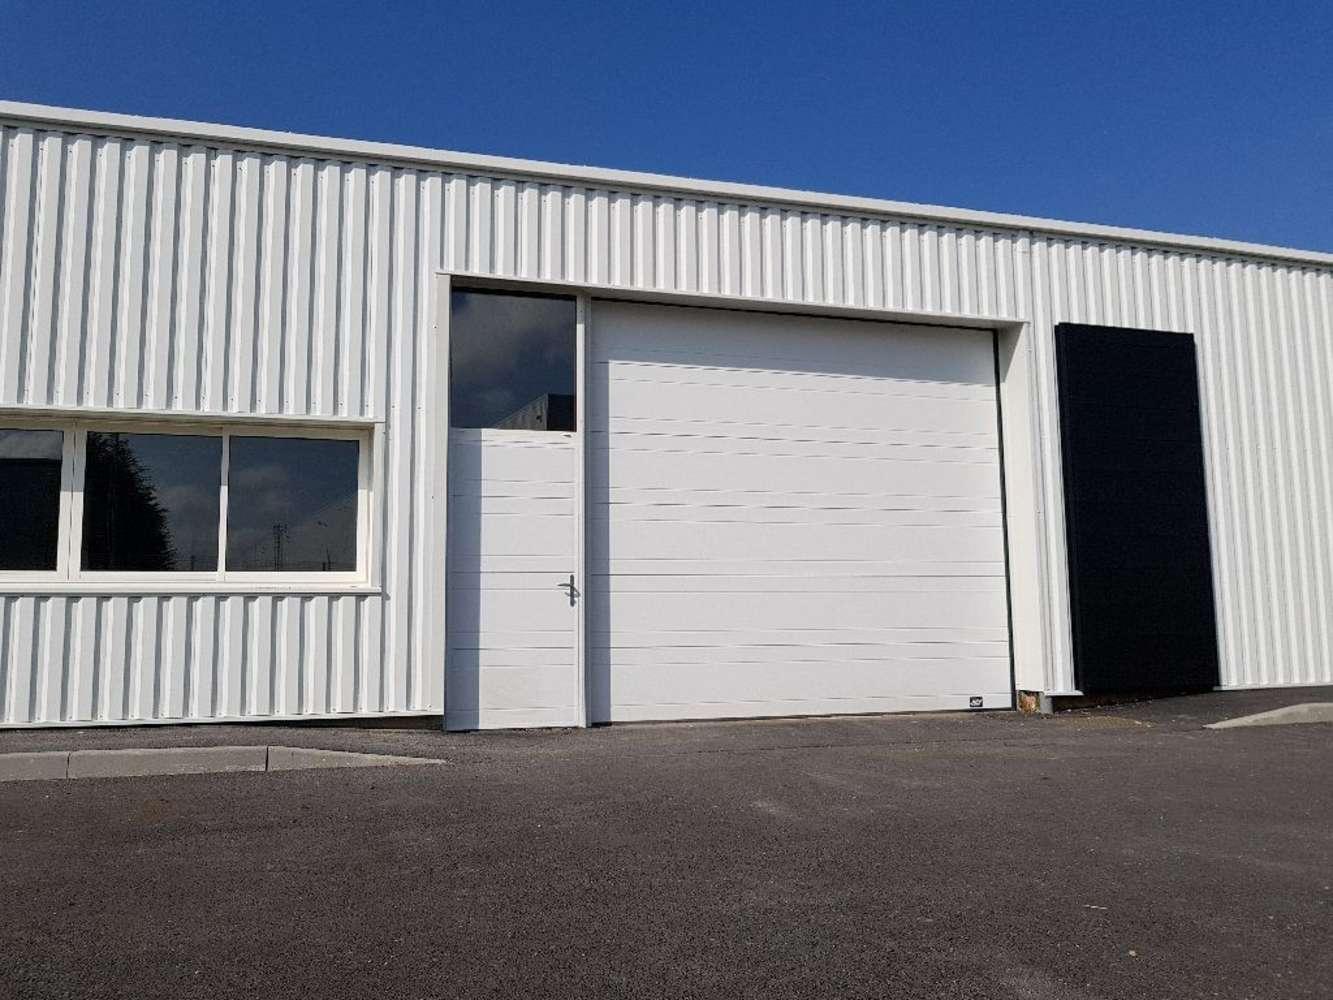 Activités/entrepôt Reyrieux, 01600 - Location locaux d'activité Lyon Nord - 10026841